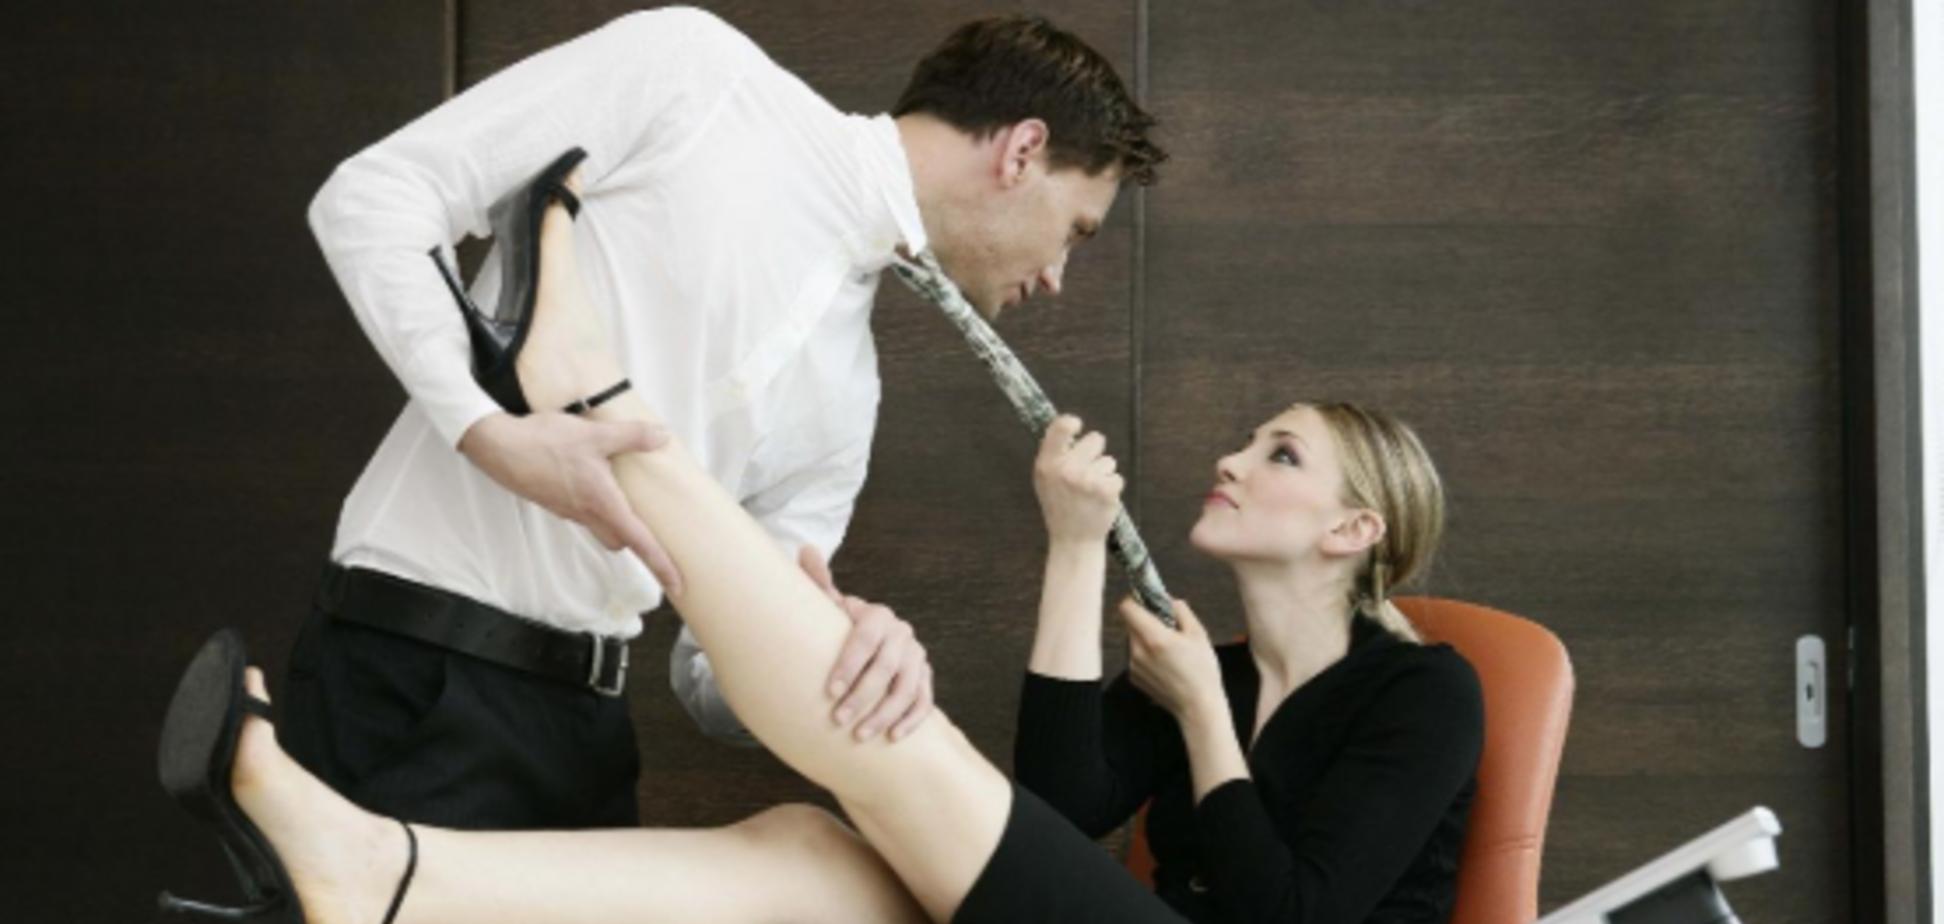 Ролевые игры как профилактика разводов